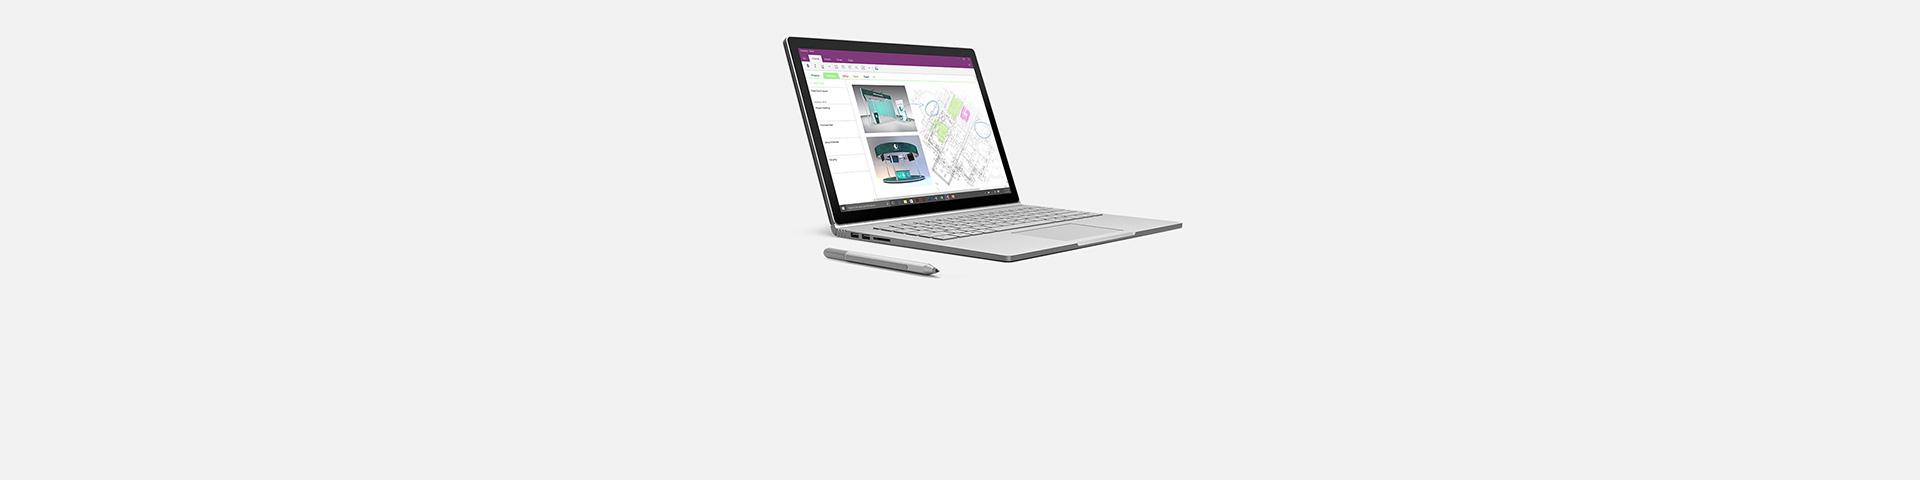 Surface Book, en savoir plus